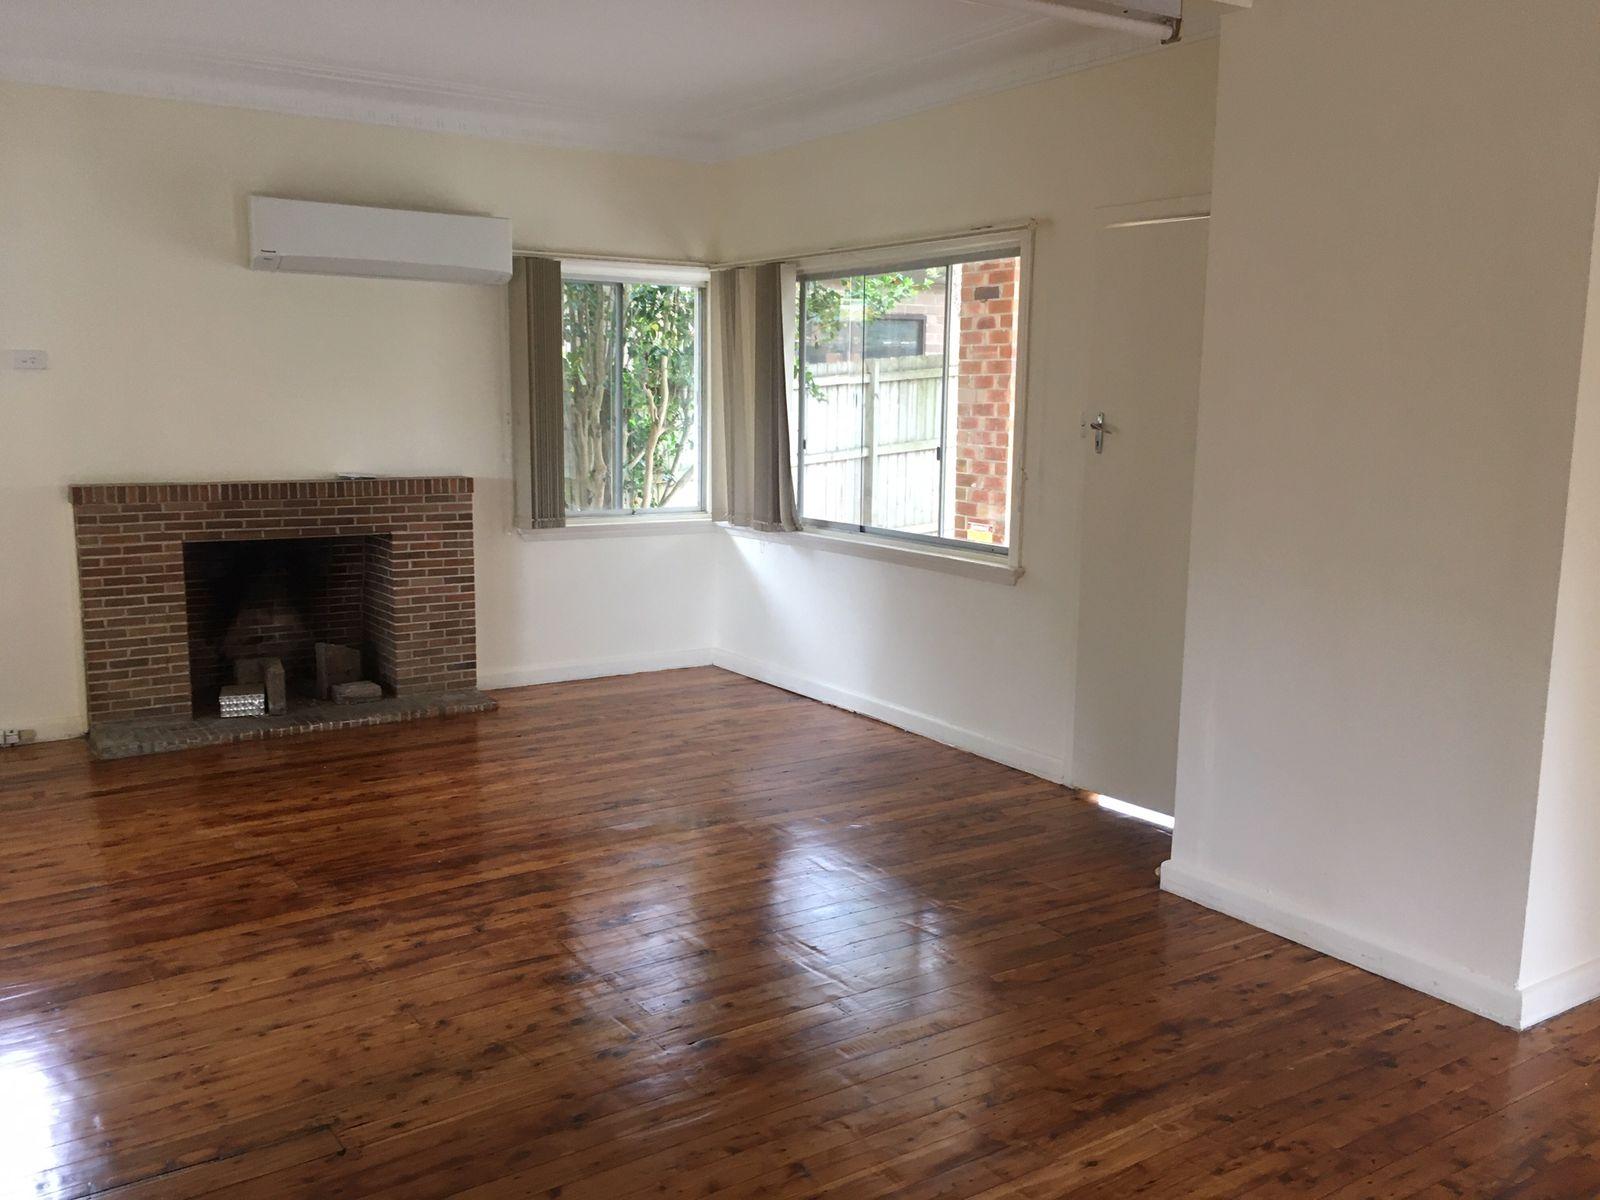 23 Spurwood Road, Turramurra, NSW 2074